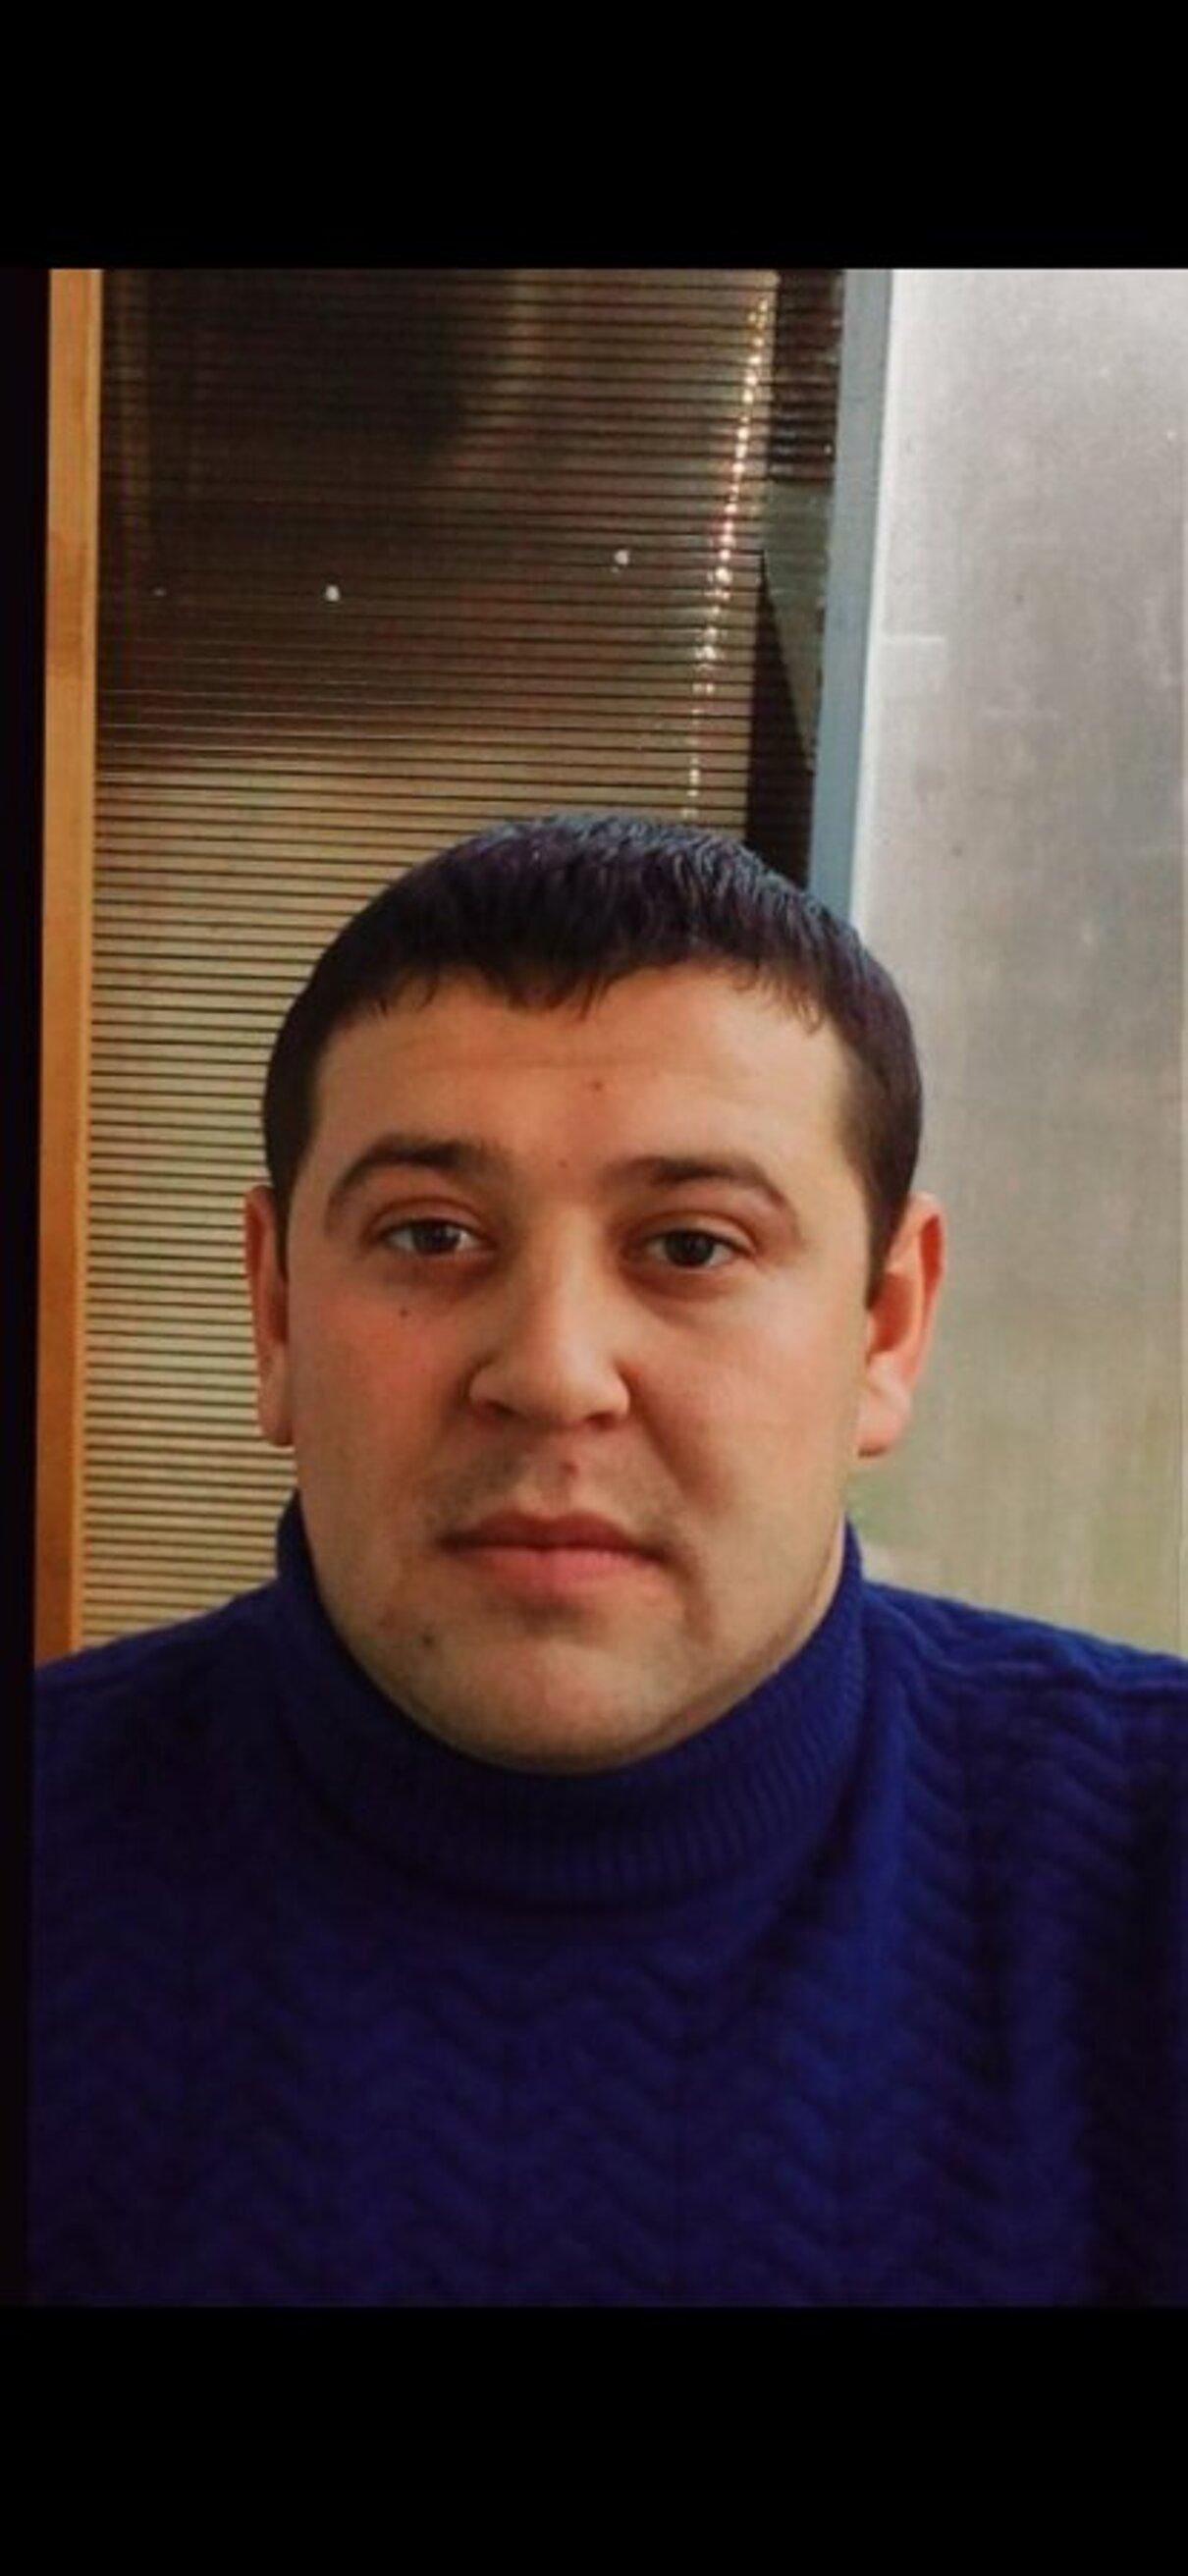 Жалоба-отзыв: Панченко Артем, г. Оренбург - Мошенник - частный ремонтник.  Фото №1